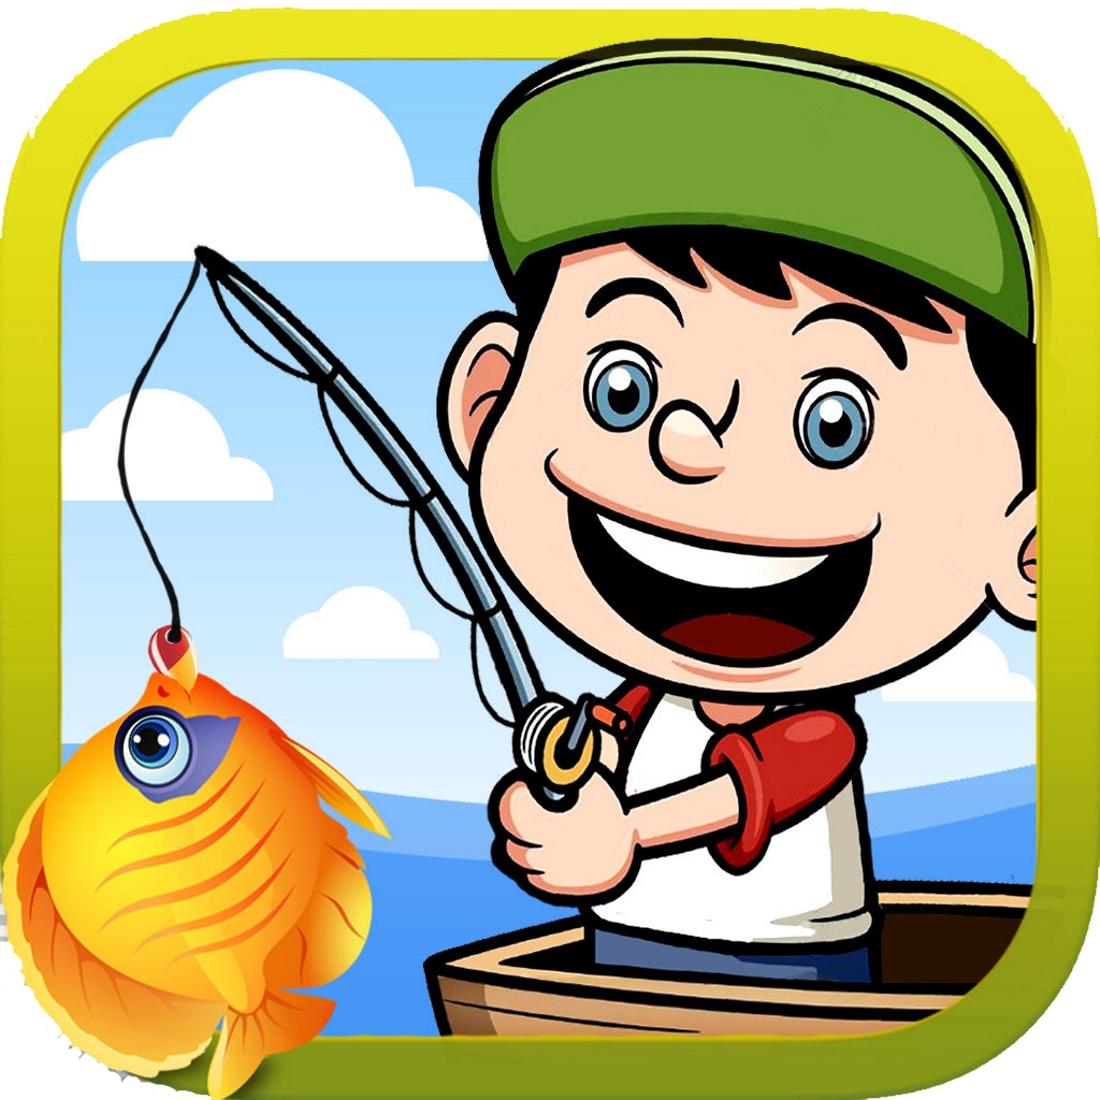 Рыбалка картинки для игры